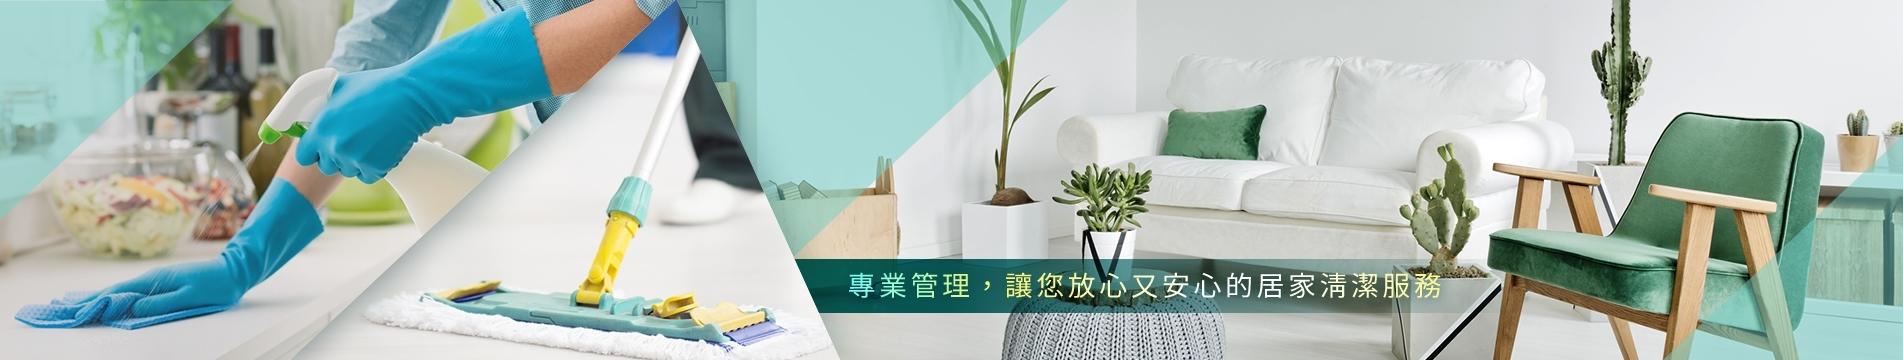 banner_s.jpg